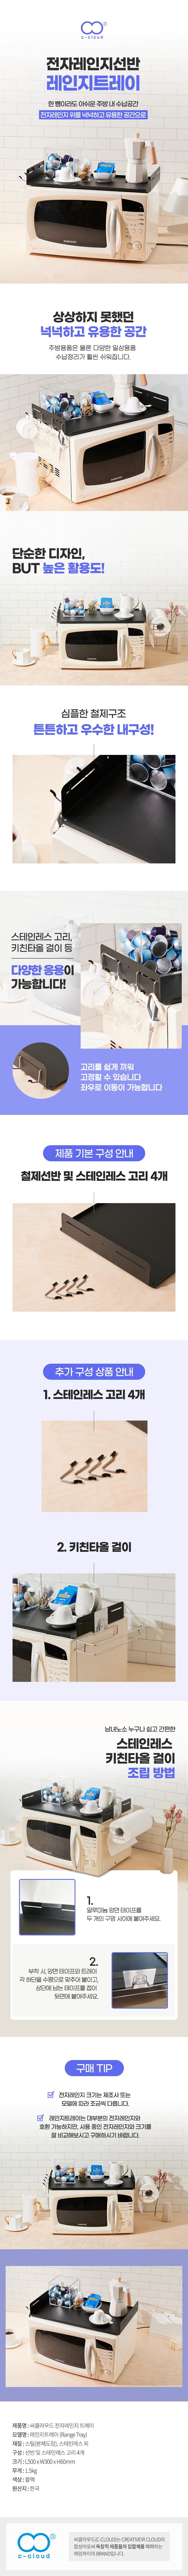 주방수납 전자레인지선반 렌지대 - 에임하이, 16,000원, 전자레인지대, 전자레인지대